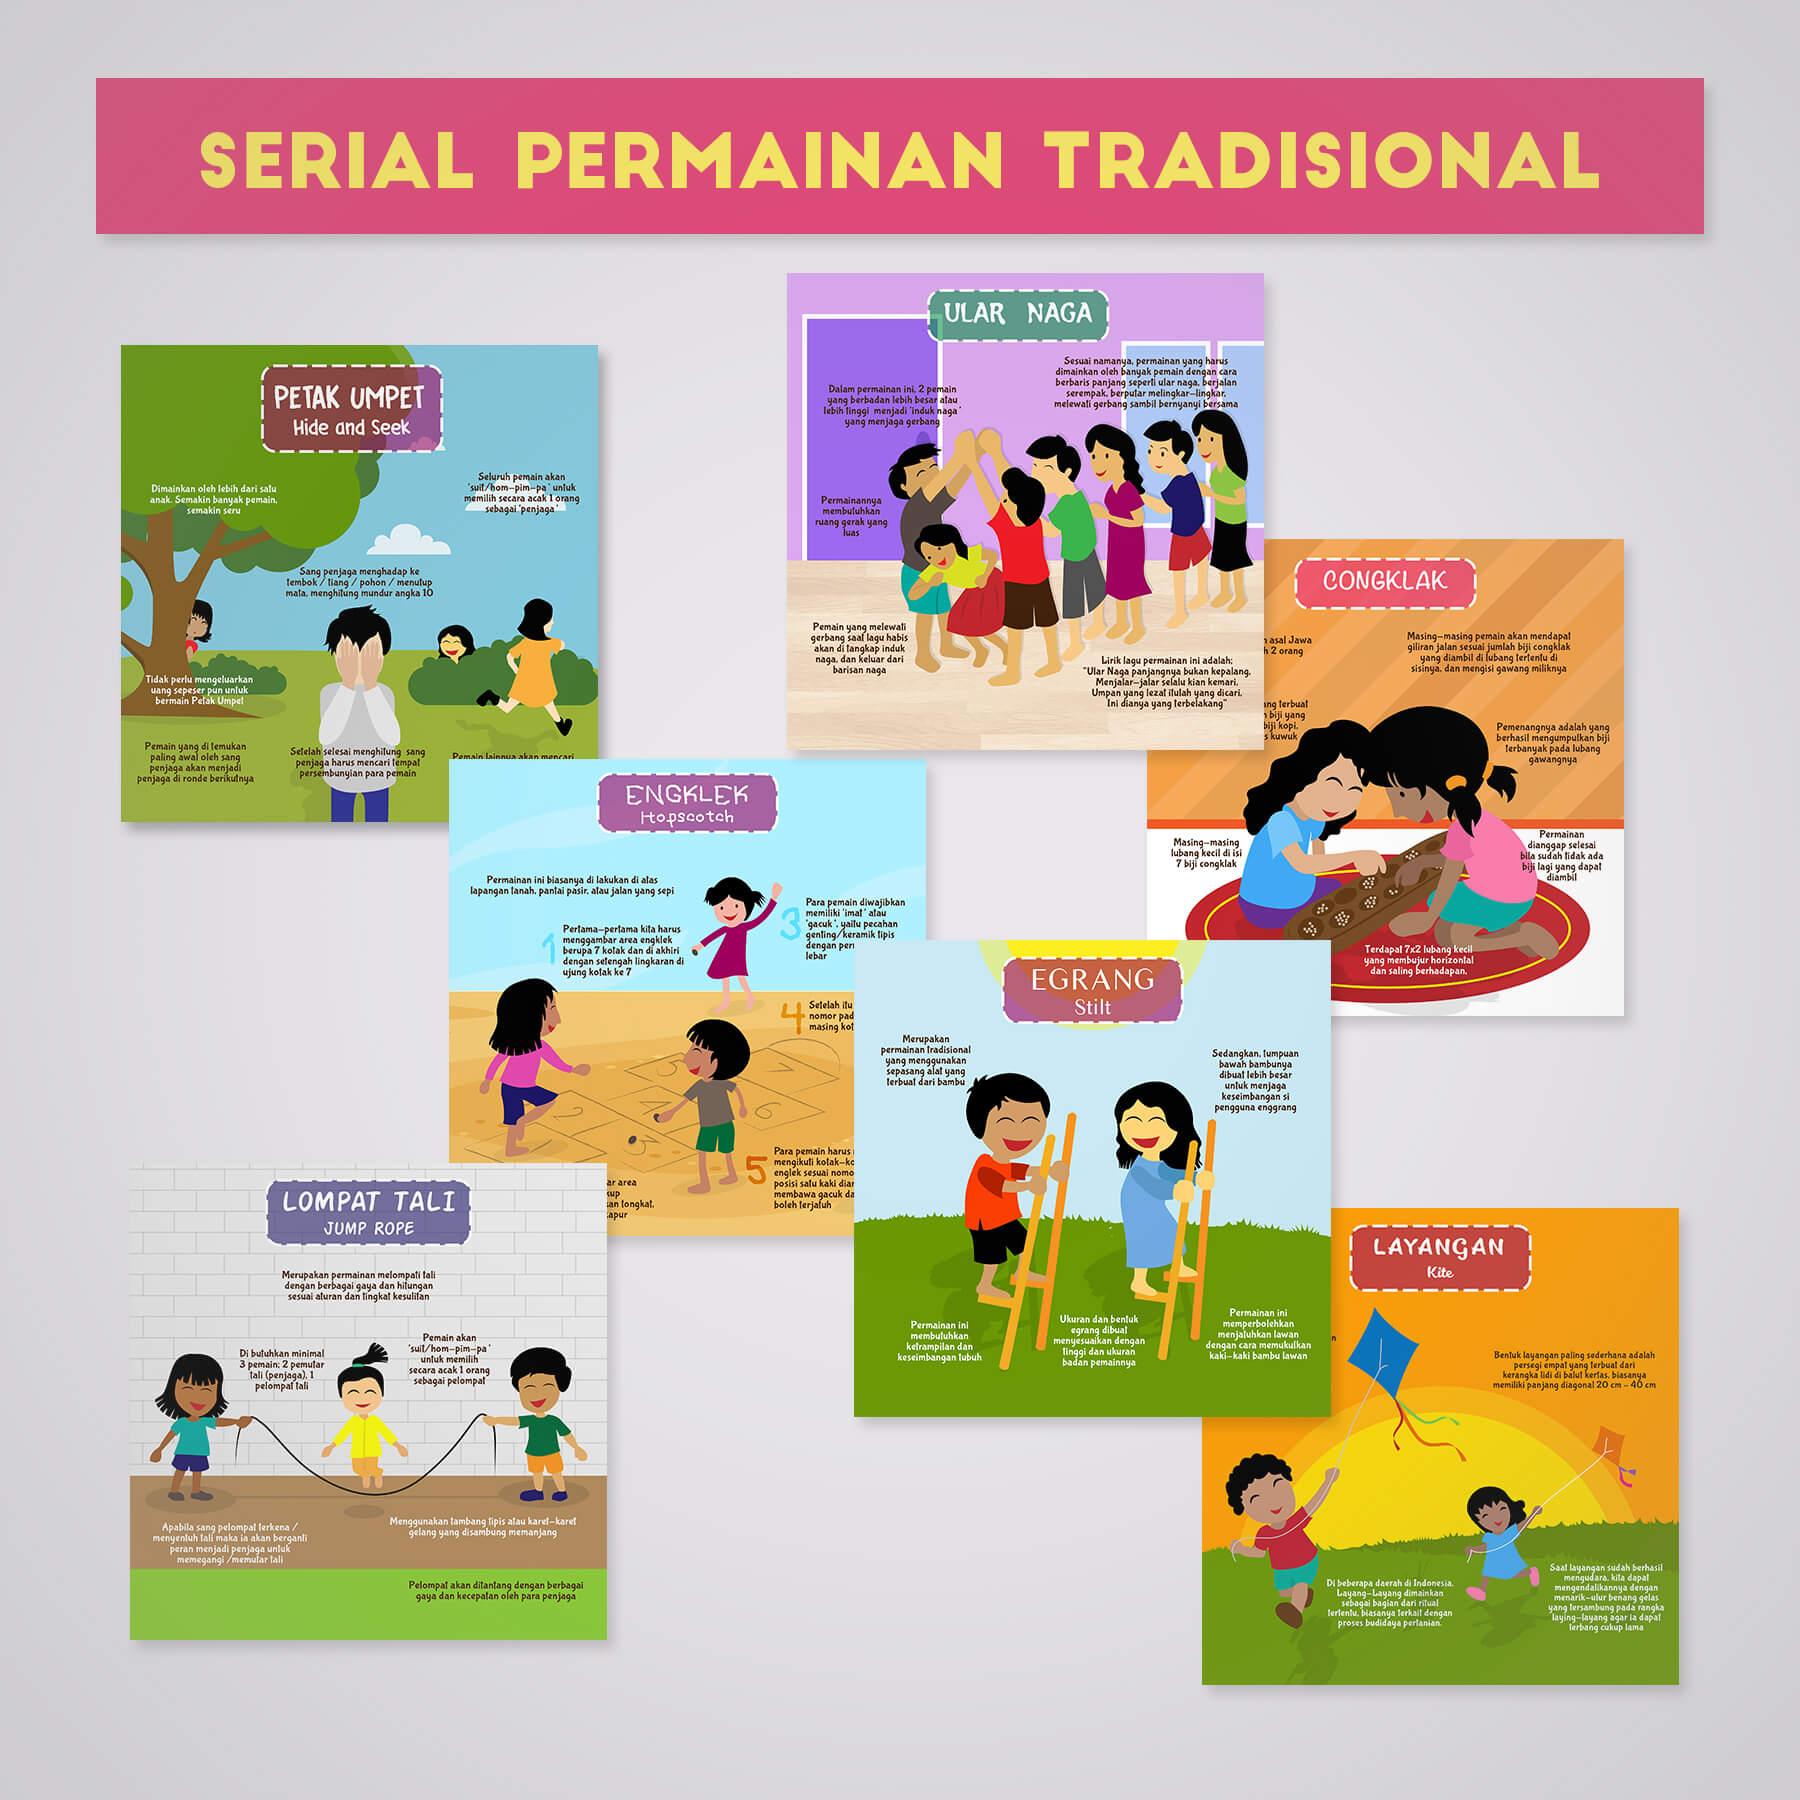 Desain Prita - Infografis serial permainan tradisional